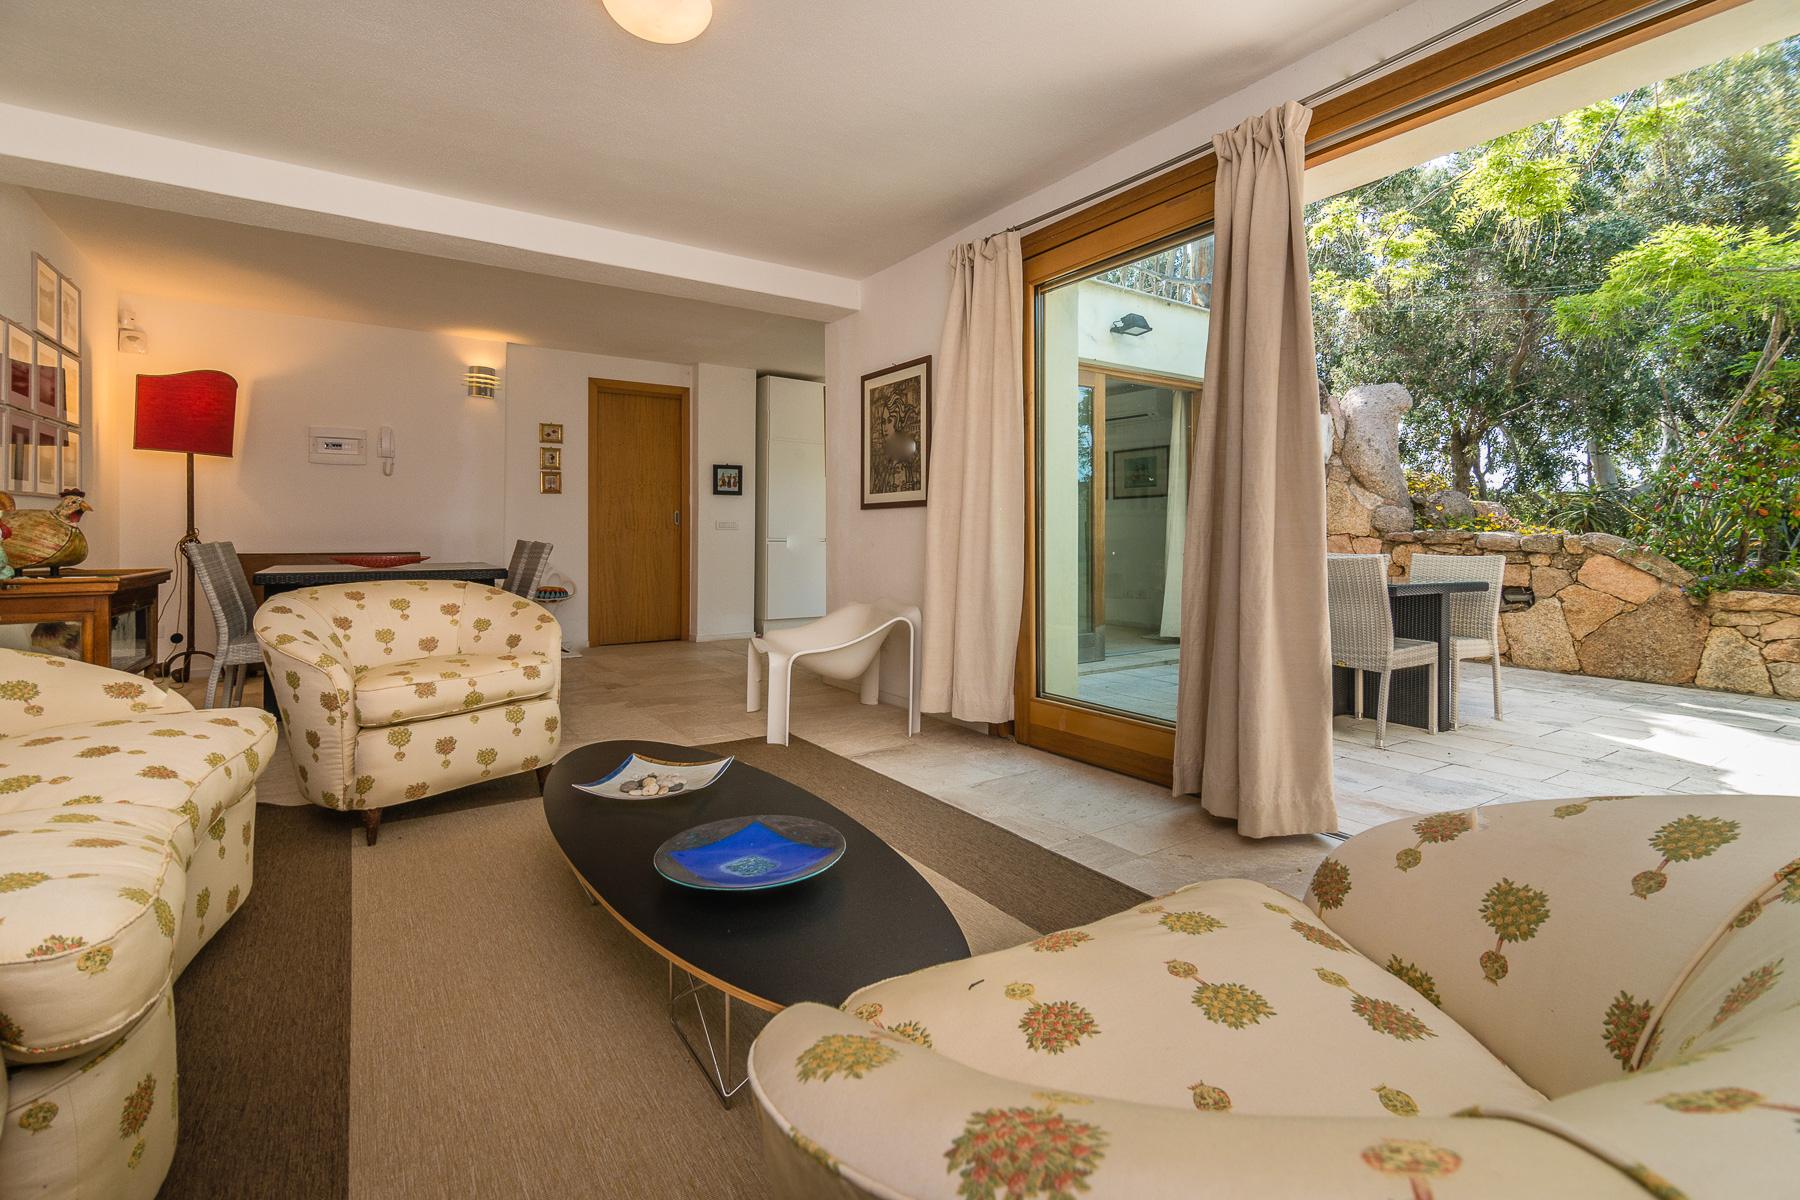 Villa in Vendita a Golfo Aranci: 5 locali, 170 mq - Foto 14